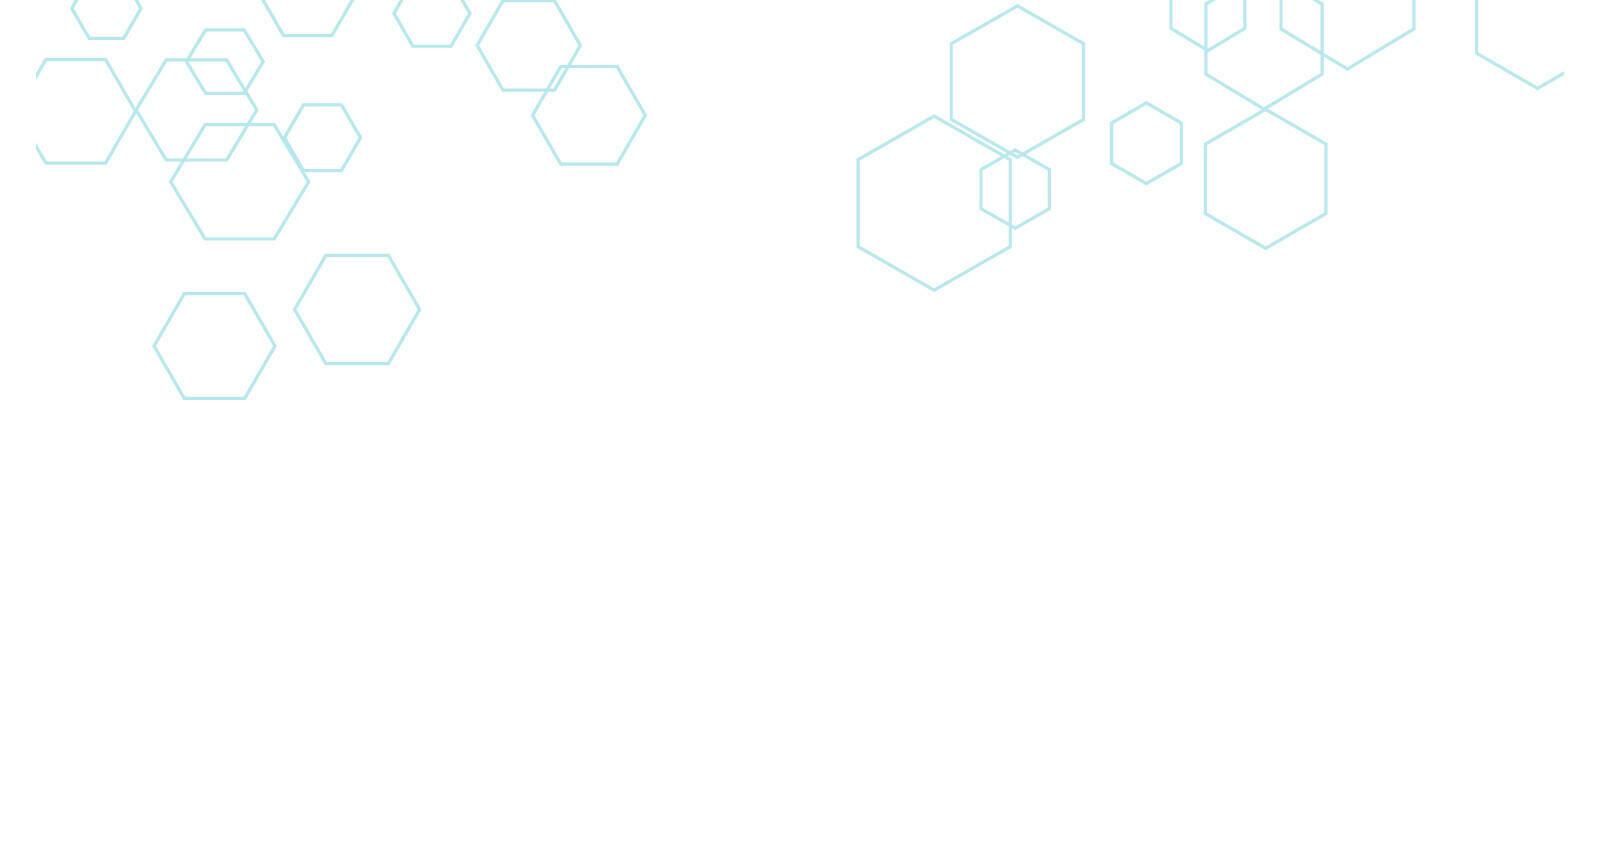 header-v2.jpg (Copy)